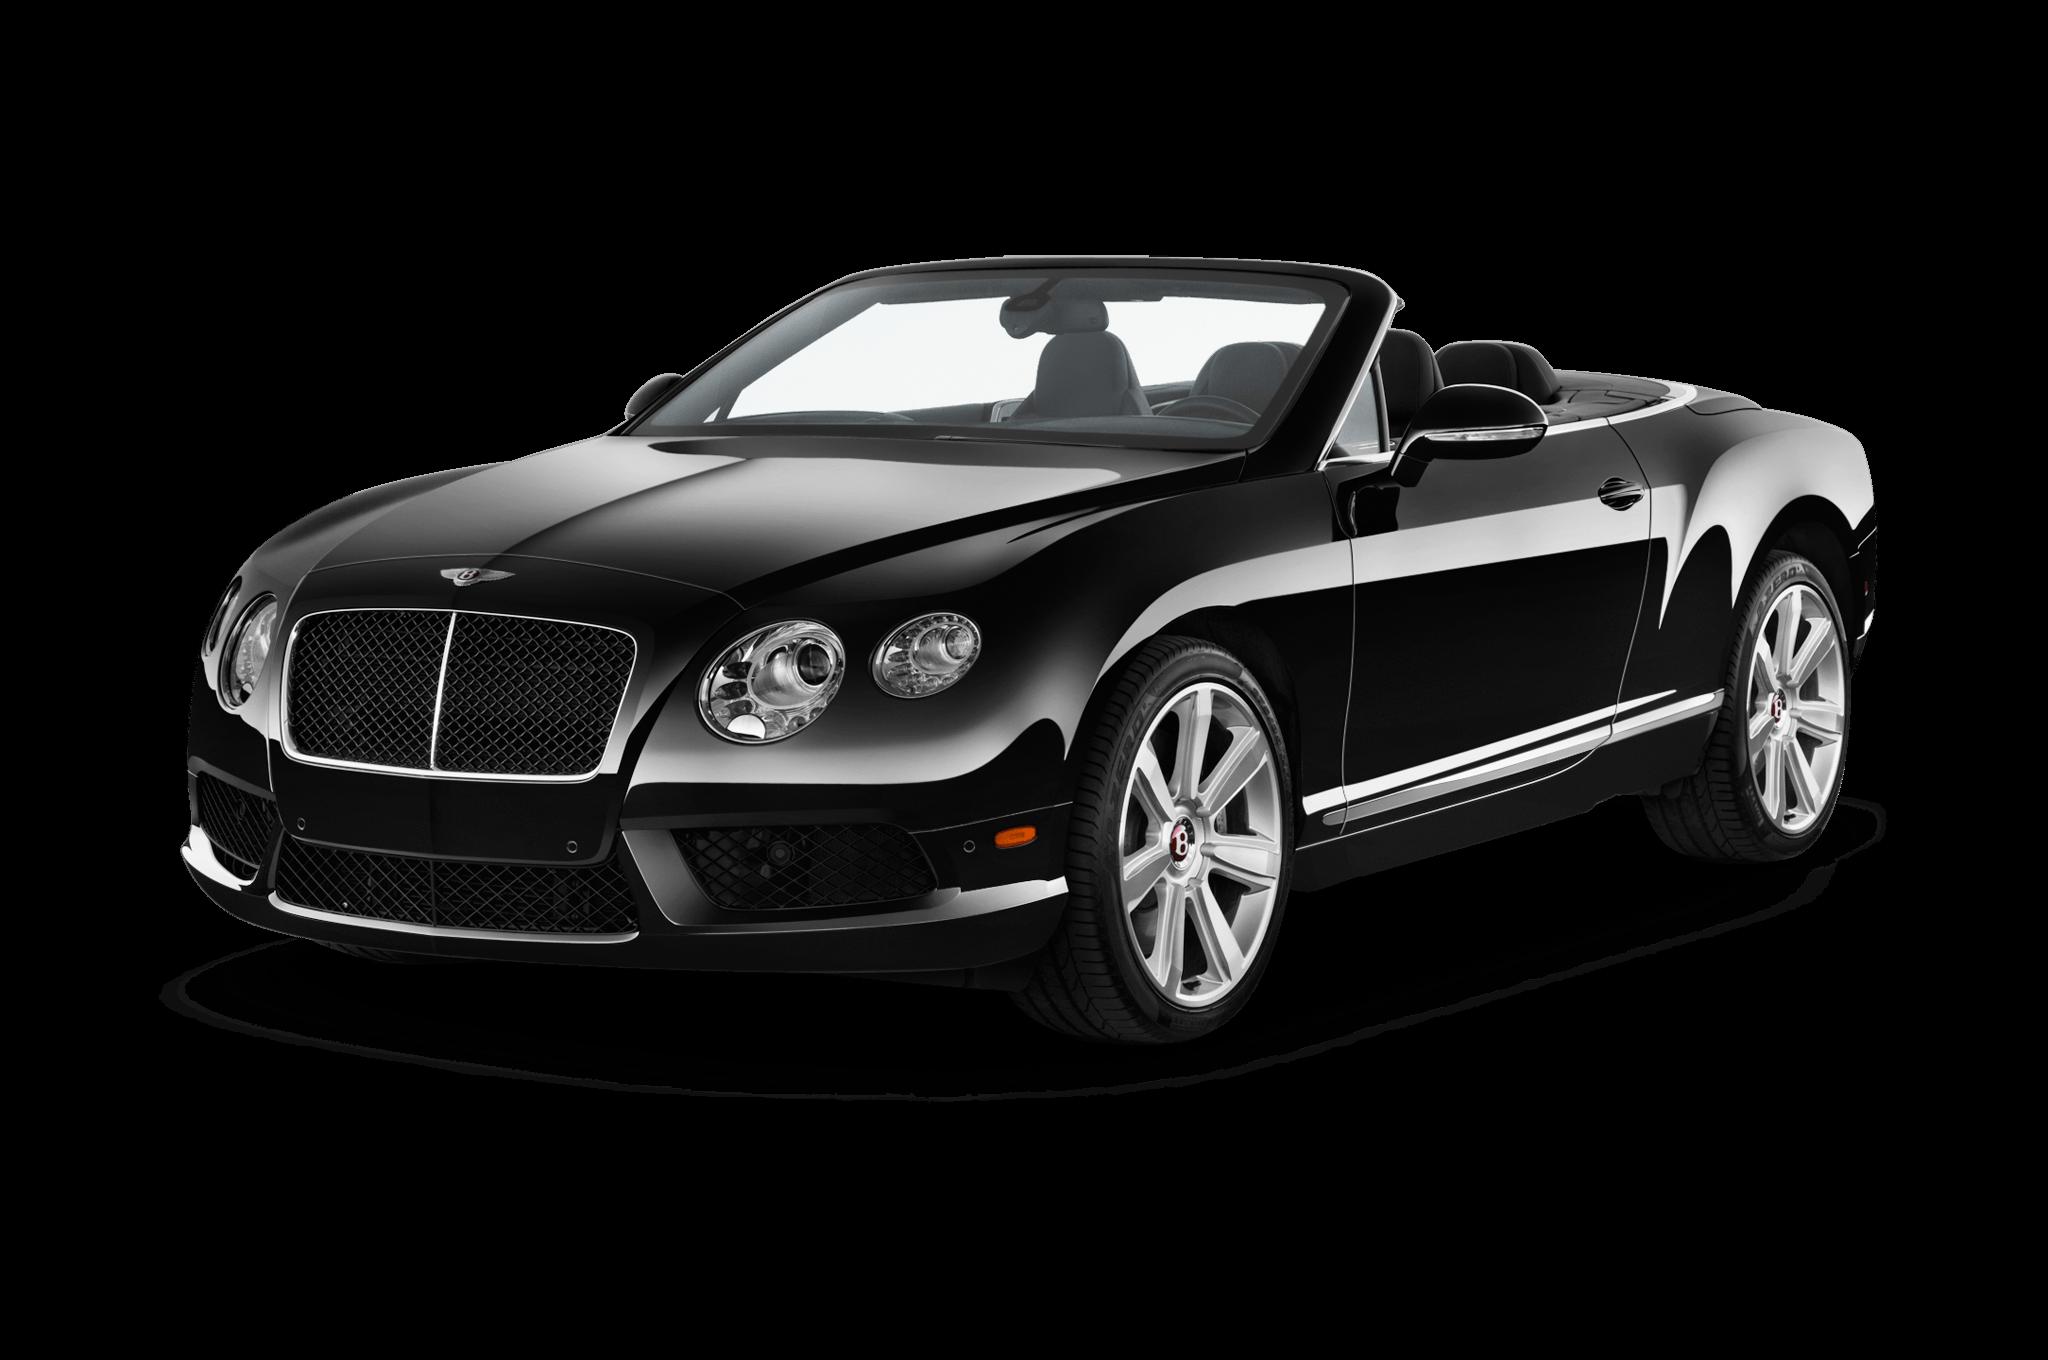 Another Convertible Bentley - Bentley PNG